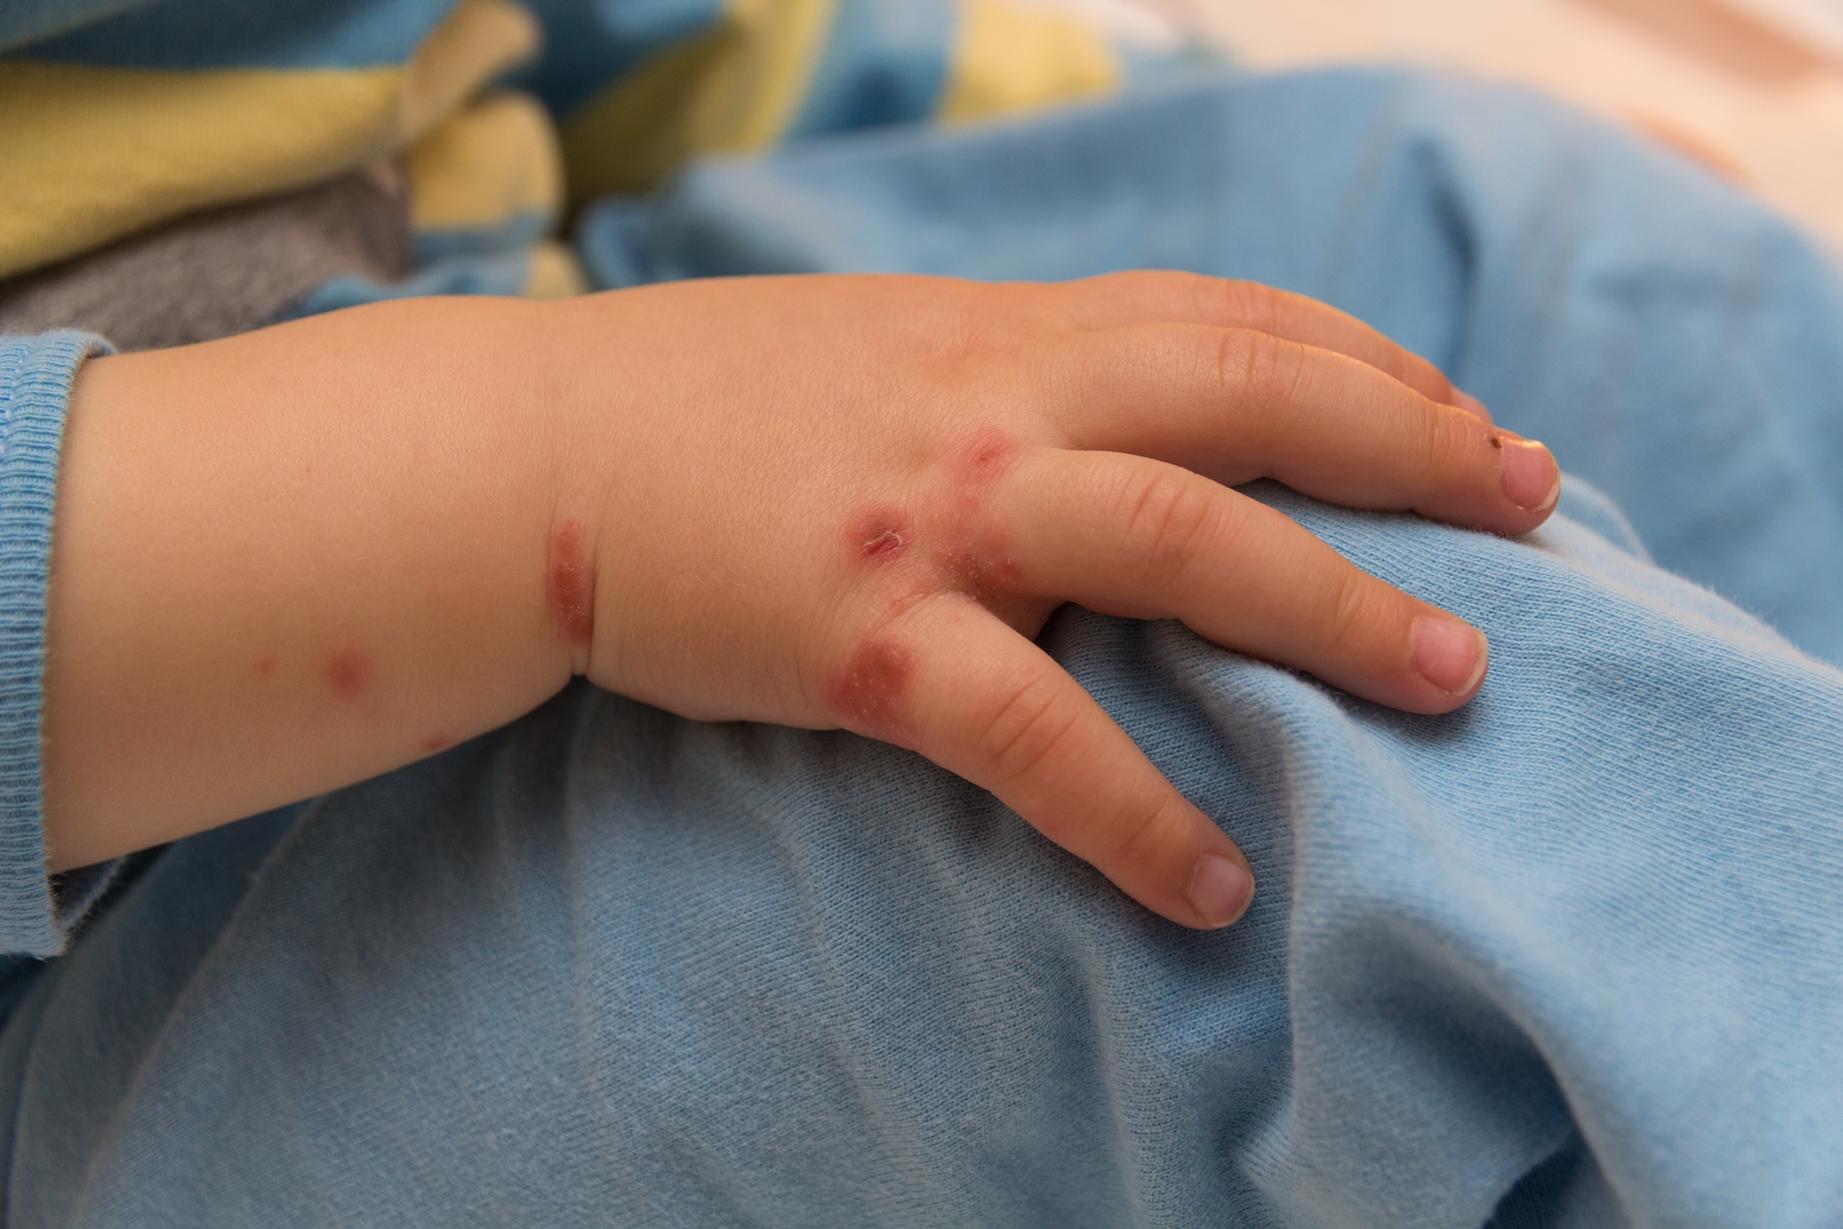 Nguyên nhân dẫn đến trẻ bị viêm da cơ địa